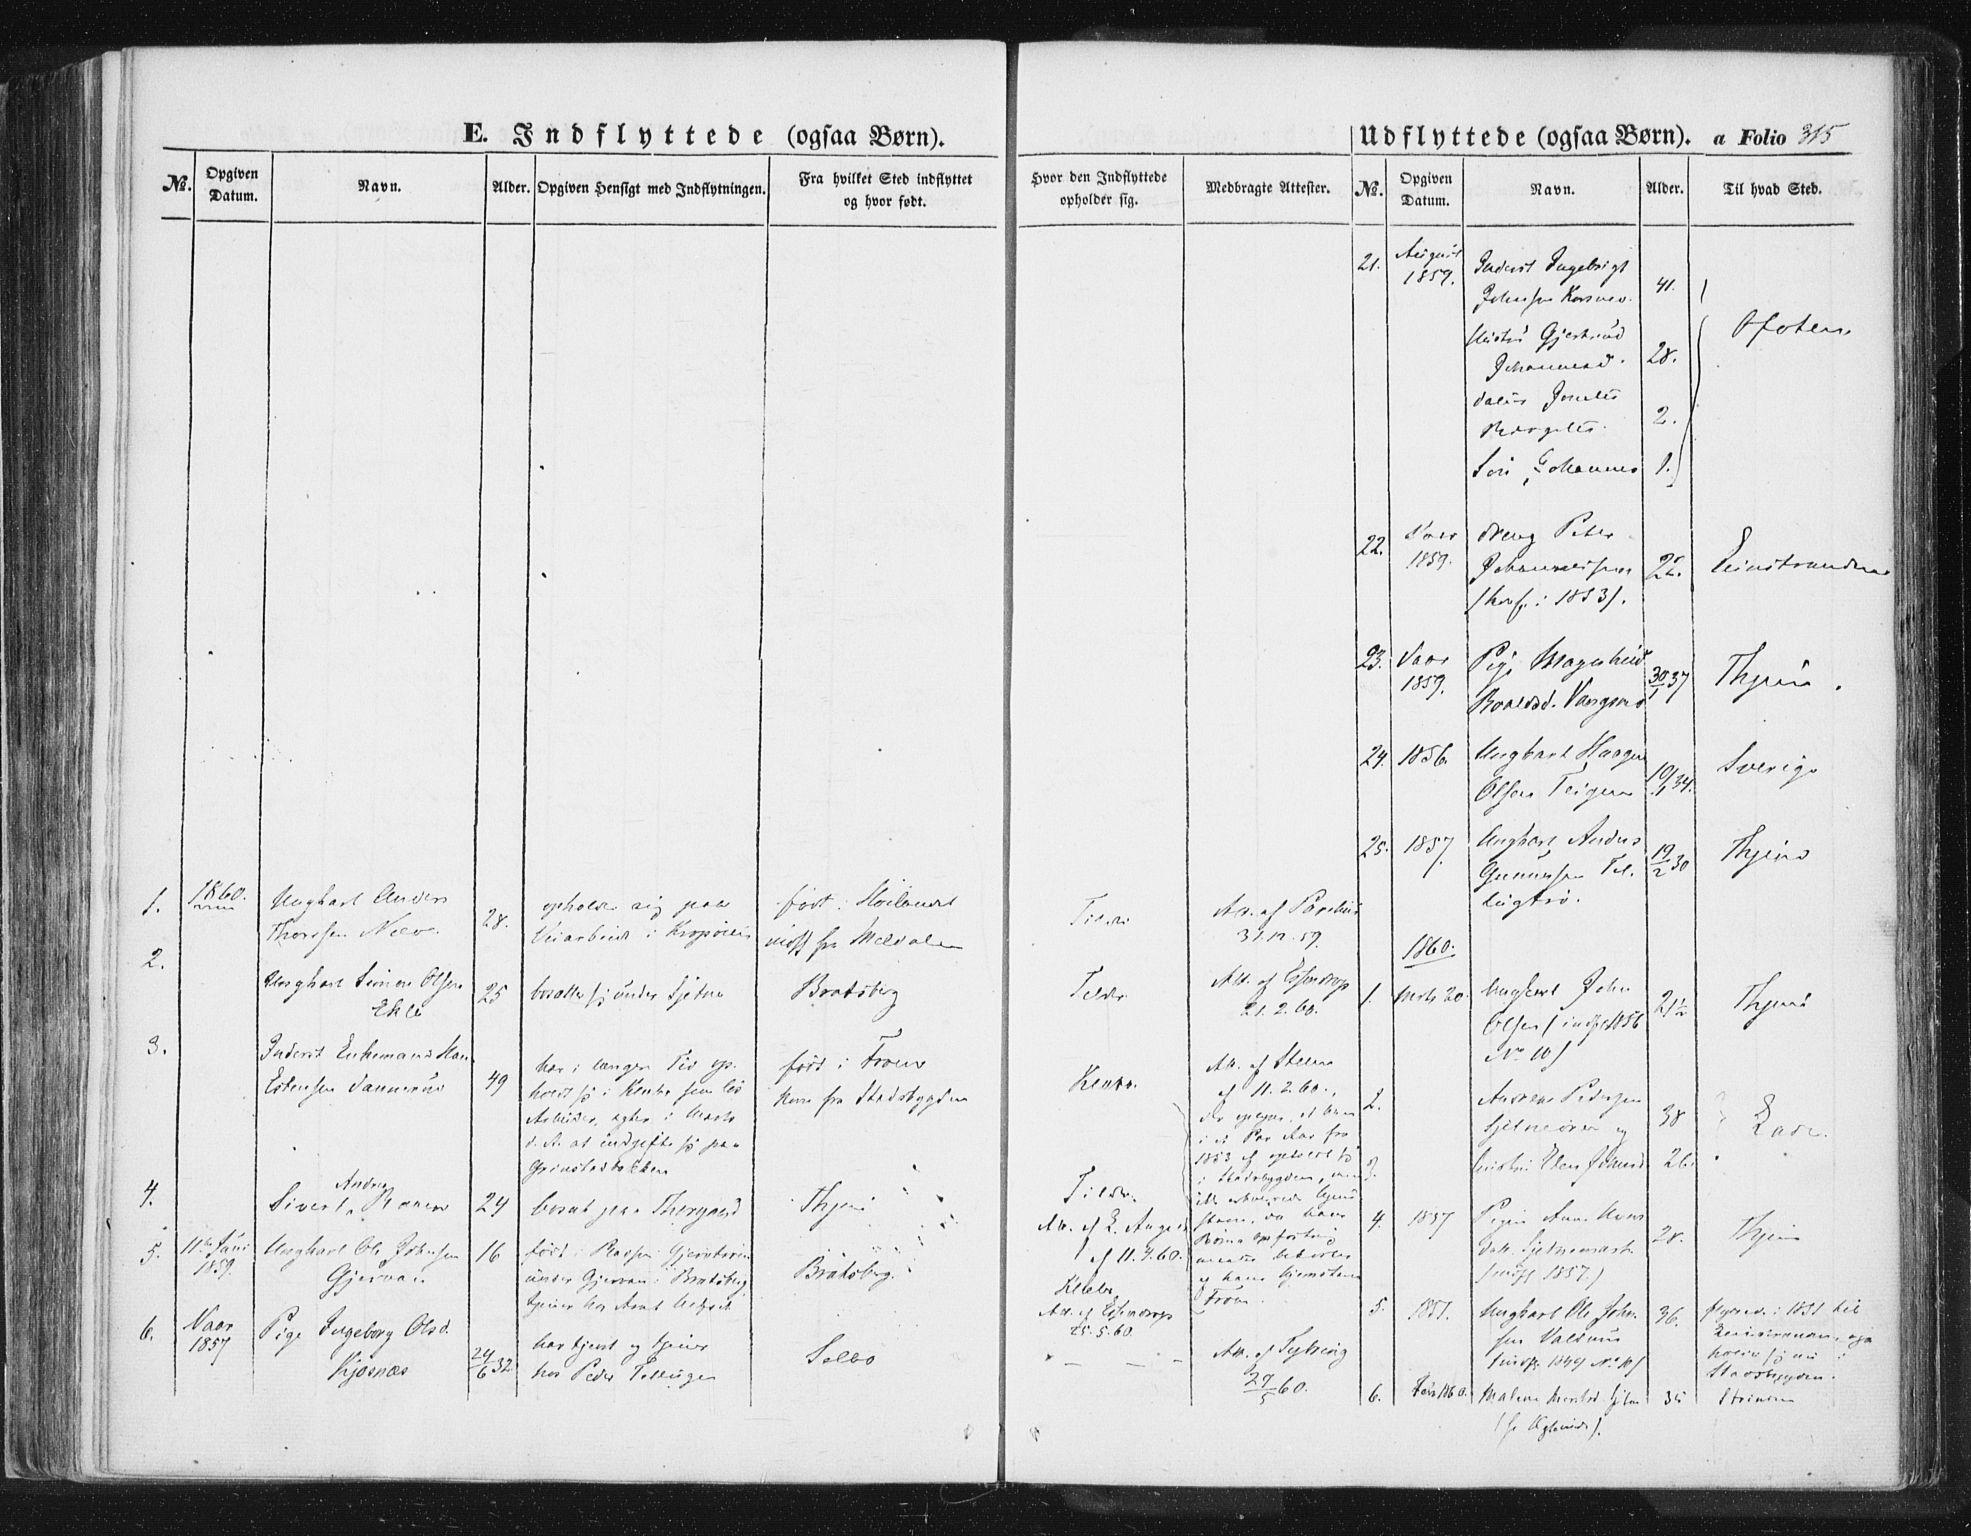 SAT, Ministerialprotokoller, klokkerbøker og fødselsregistre - Sør-Trøndelag, 618/L0441: Ministerialbok nr. 618A05, 1843-1862, s. 315